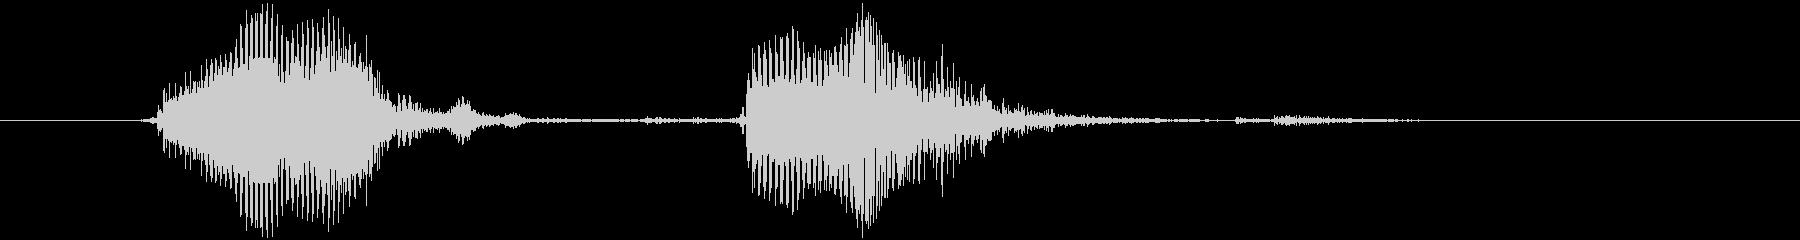 スマイルハンマー ピヨッの未再生の波形